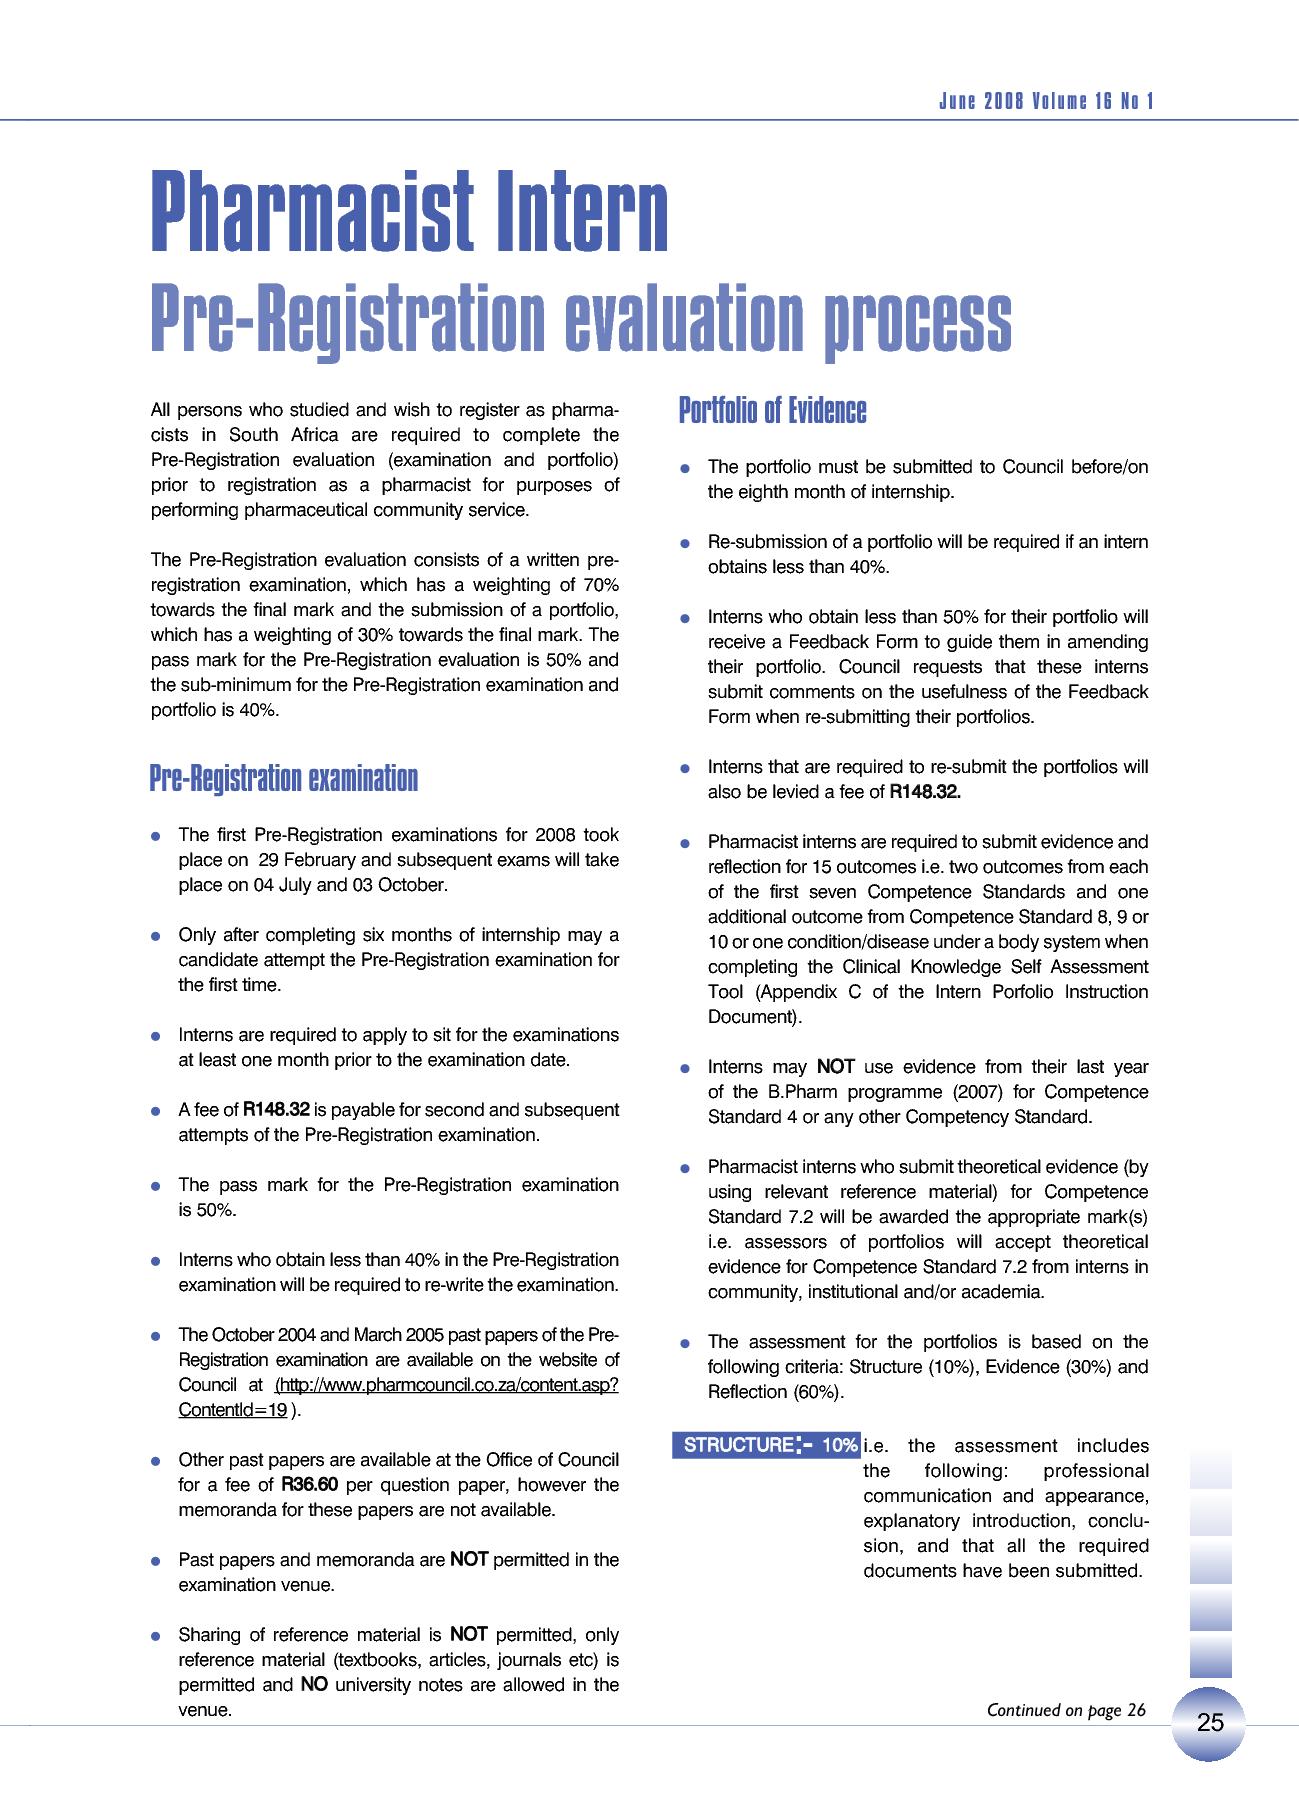 High Quality Pharmacy Intern Resume Getessayz Letter For Internship Sample Cover  Pharmacy Intern Resume